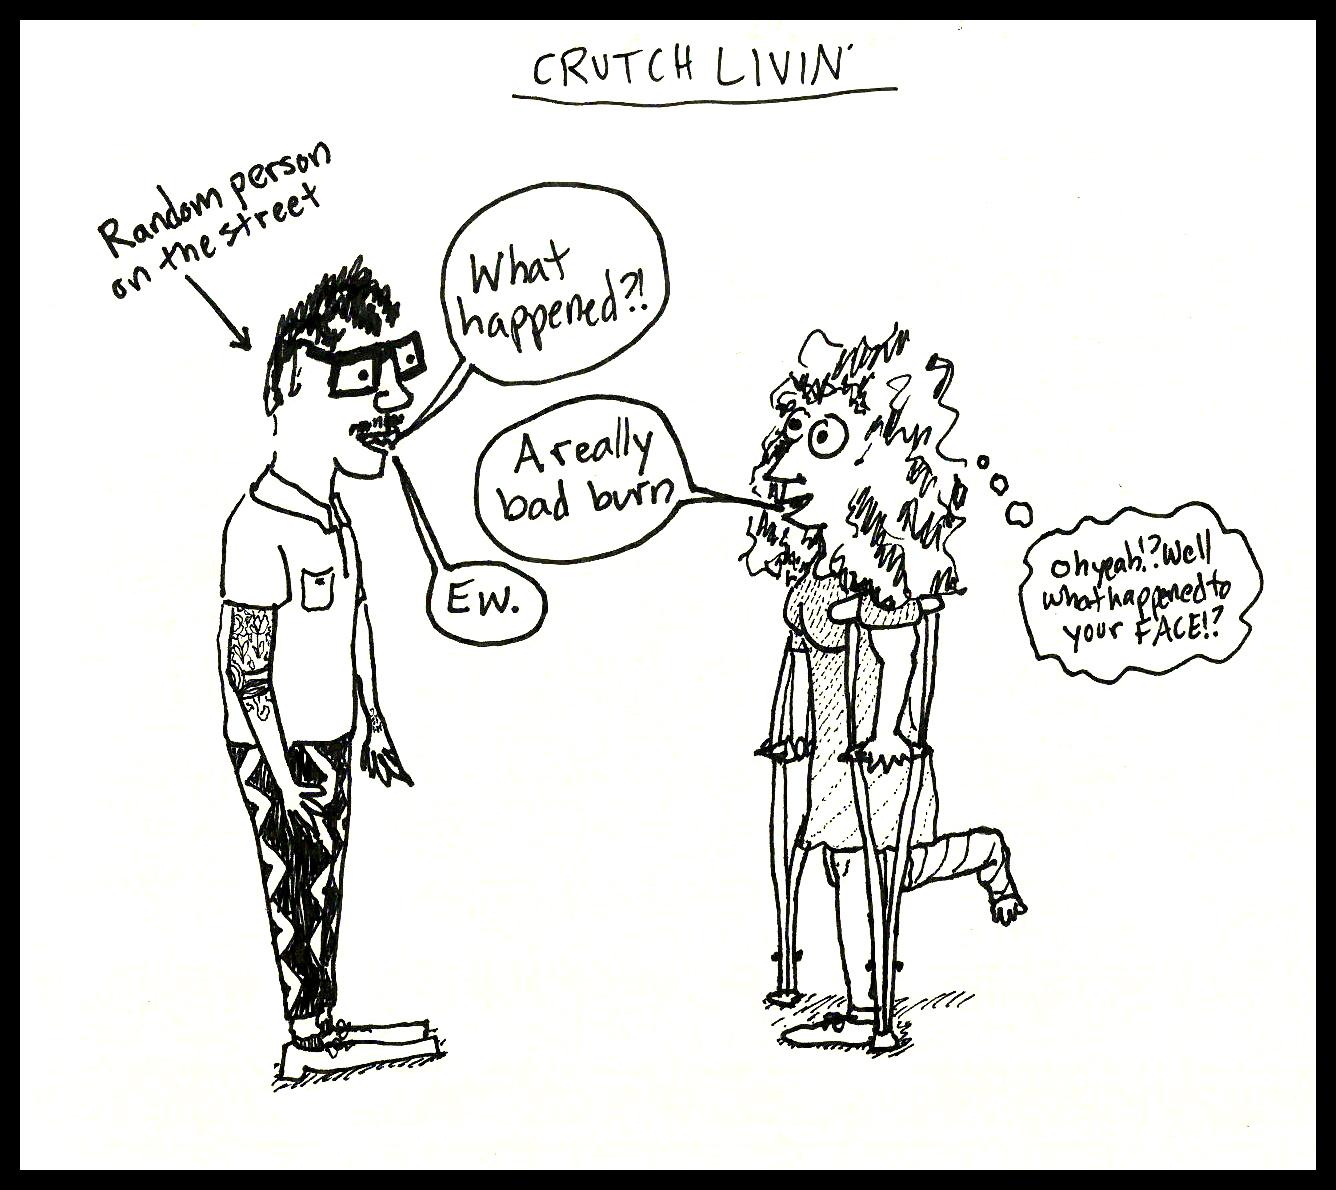 Crutch Livin' 4